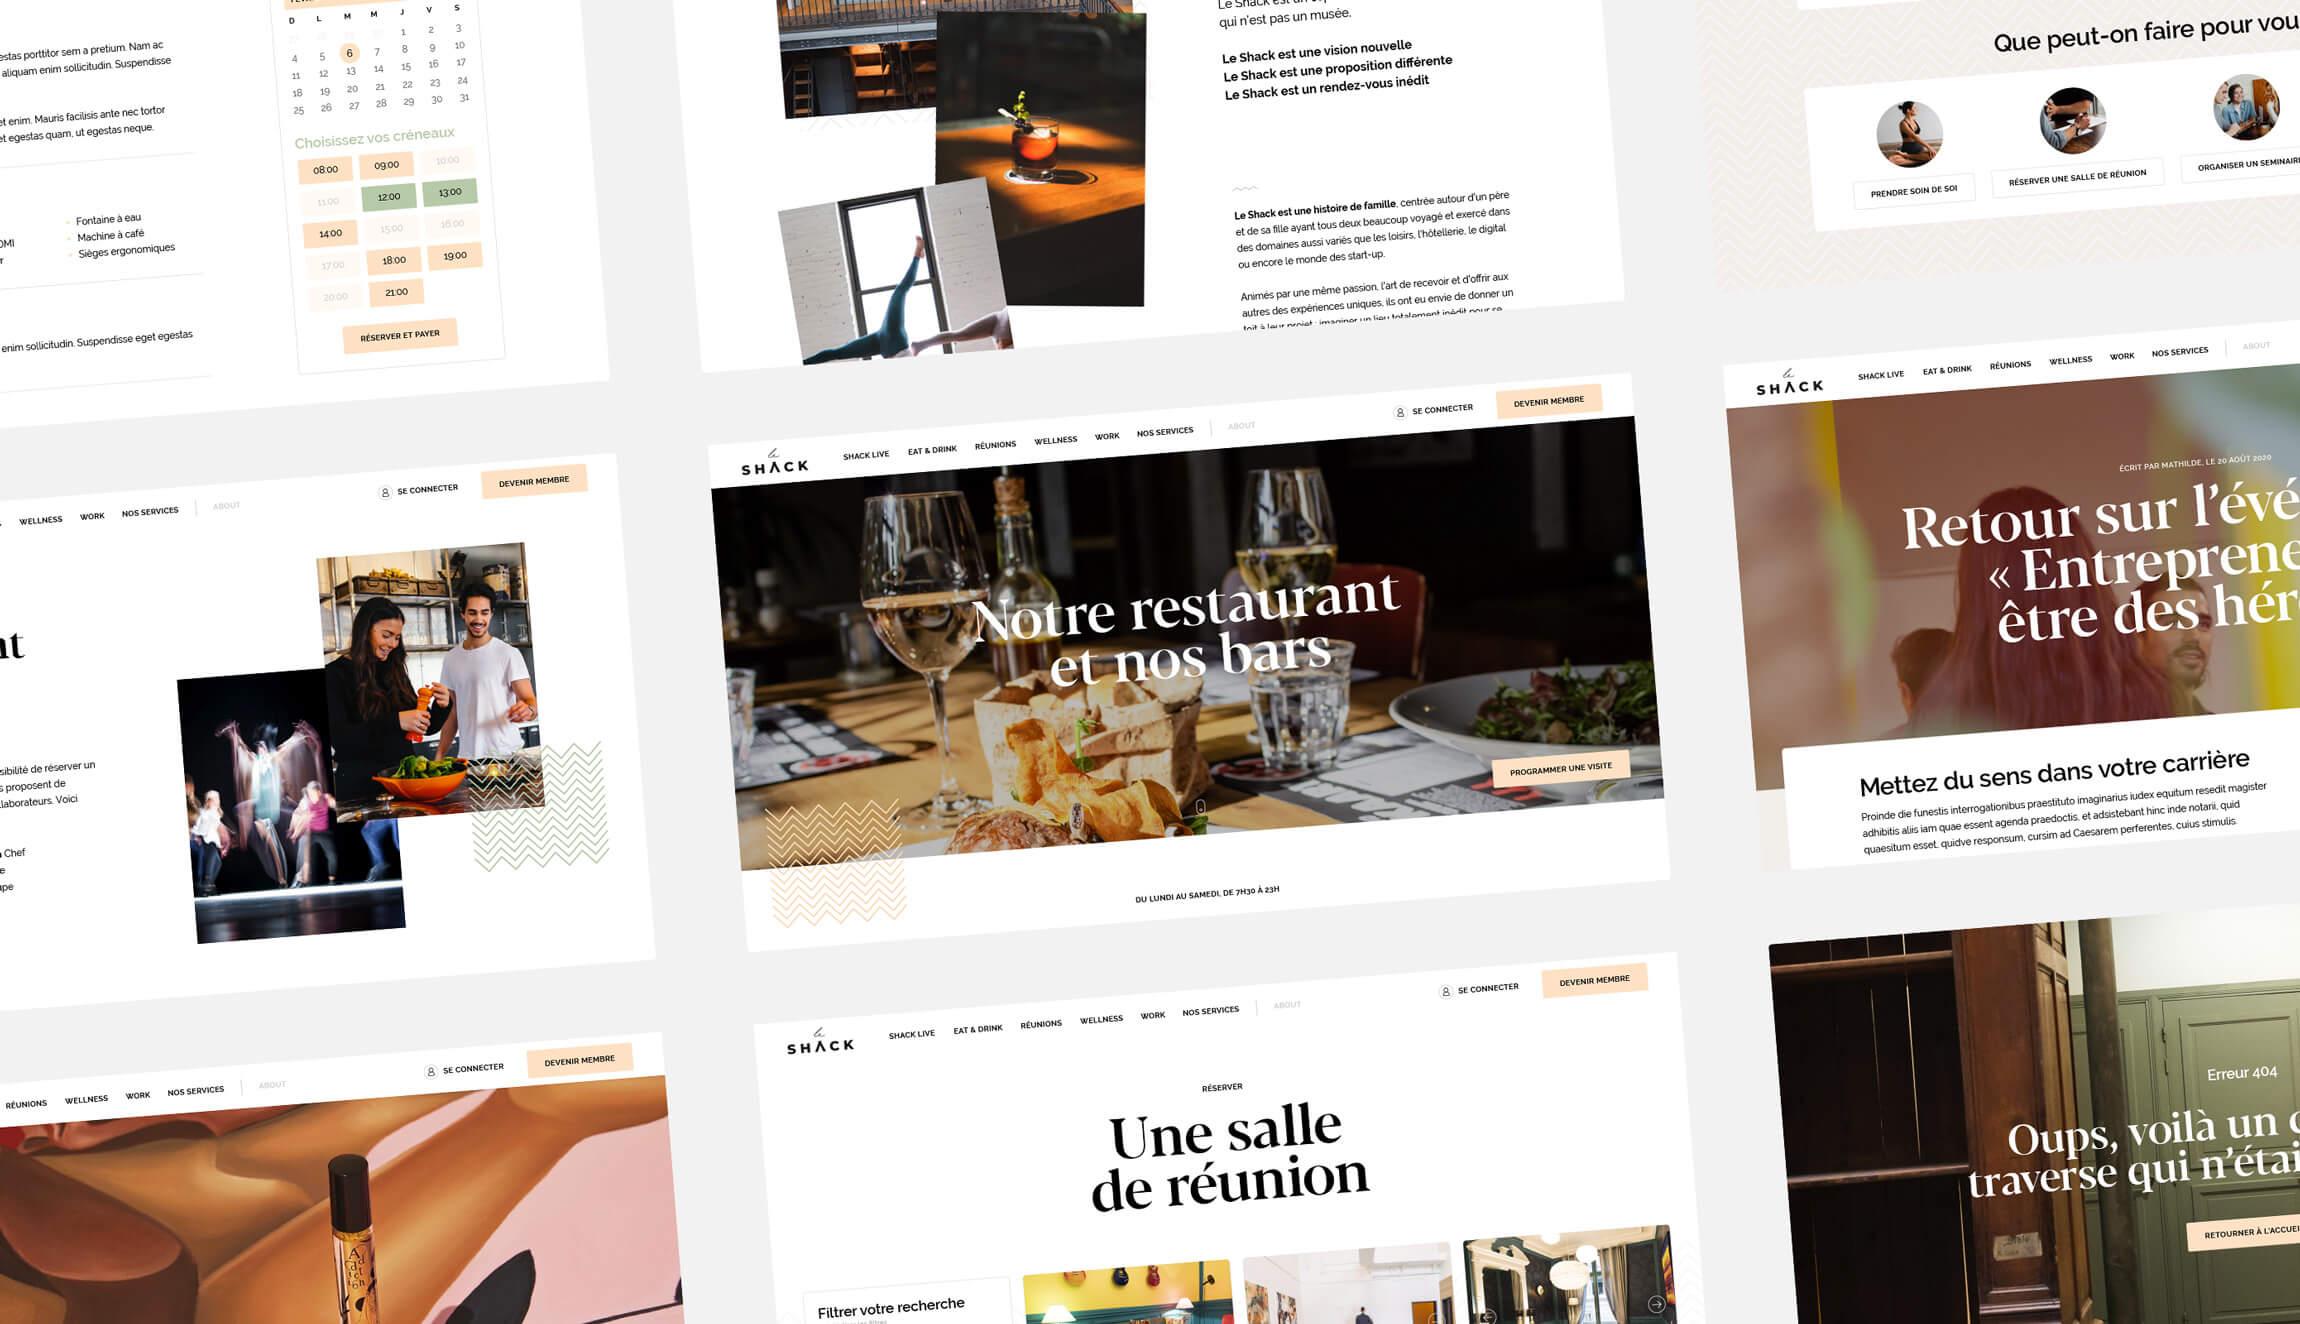 Site Web de Le Shack Paris - Antoine Peltier